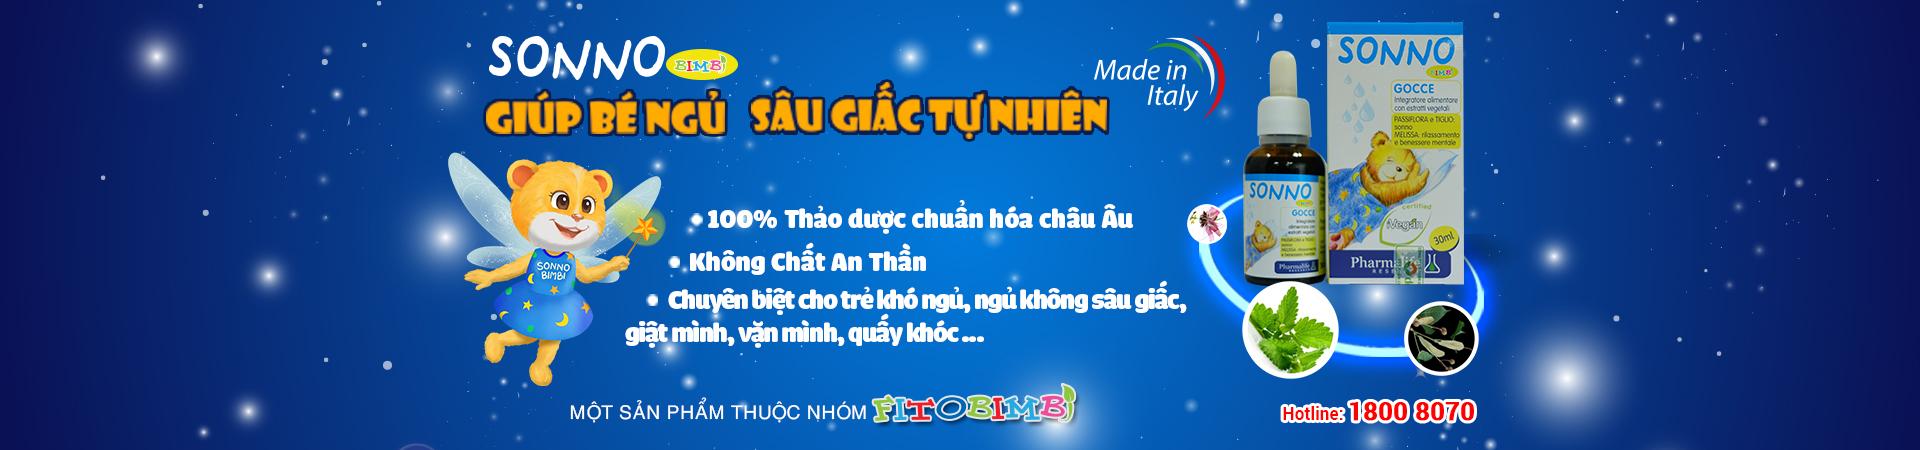 Slide show_Sonno_giup be ngu sau giac (1)